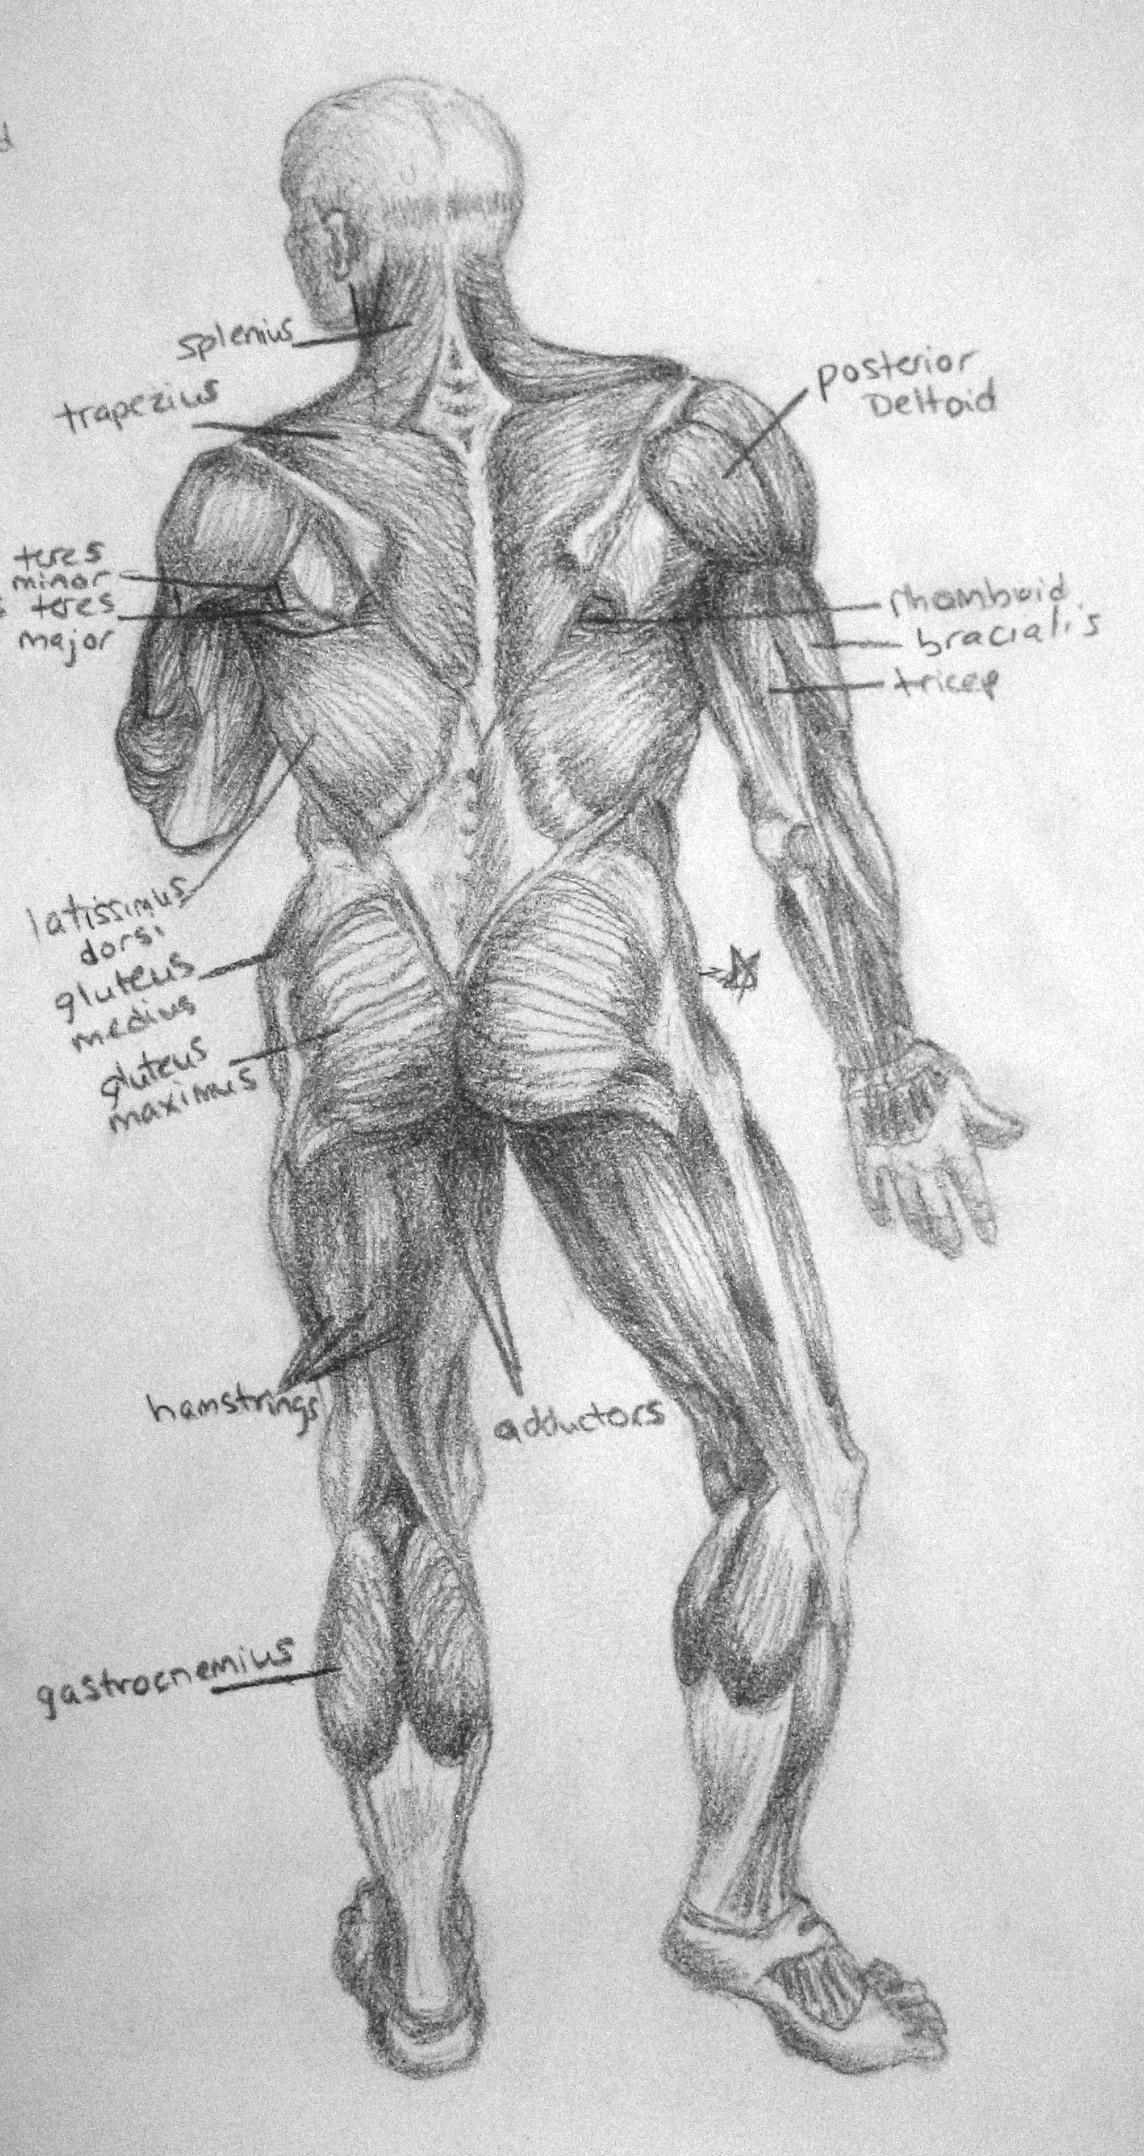 Anatomical Posterior Diagram